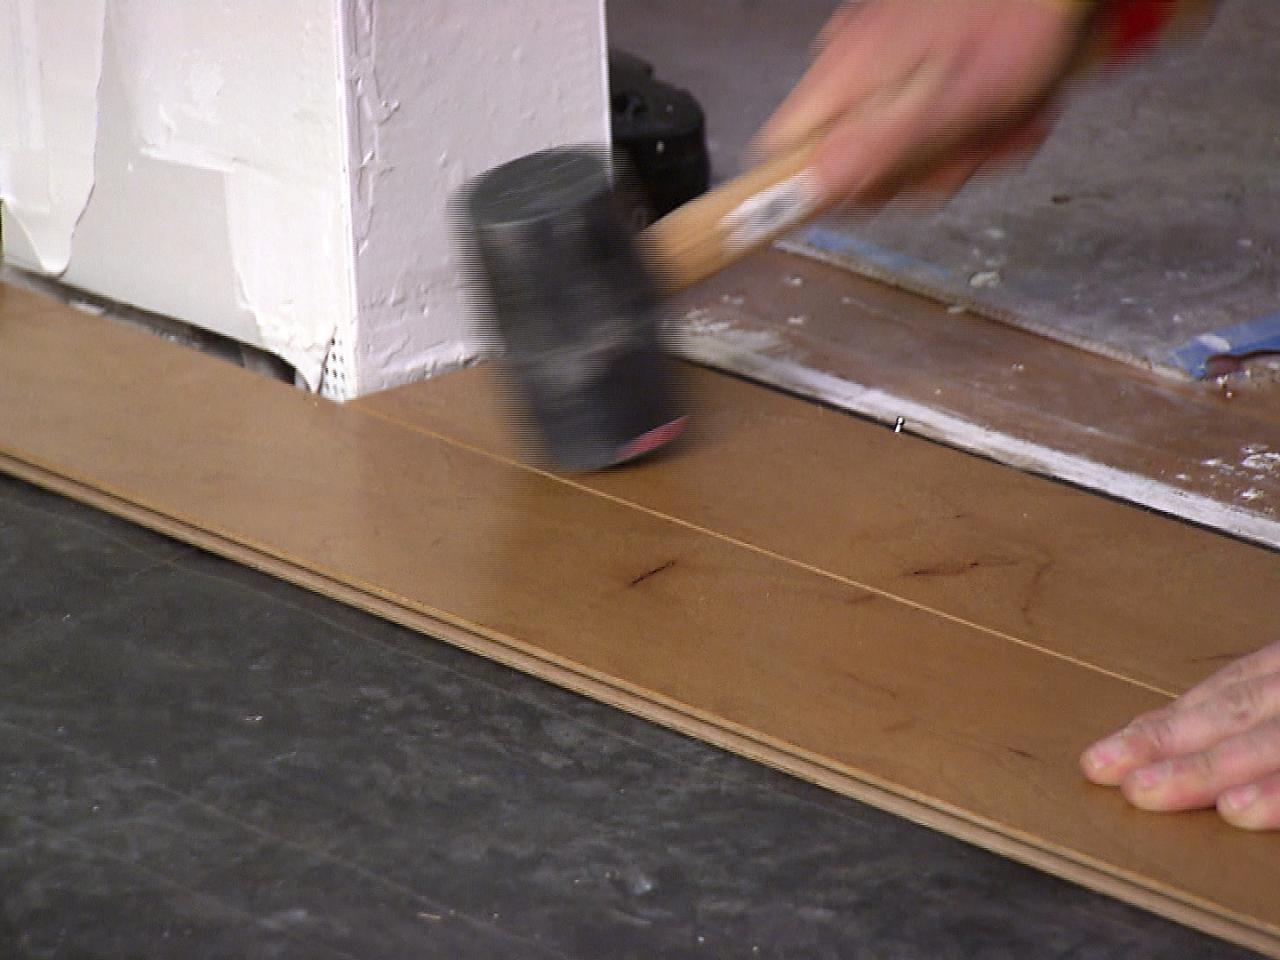 hardwood wood floor installation flooring jack of diy wood floor cleaner lovely 5 things to know before refinishing regarding diy wood floor cleaner elegant how to install an engineered hardwood floor how tos